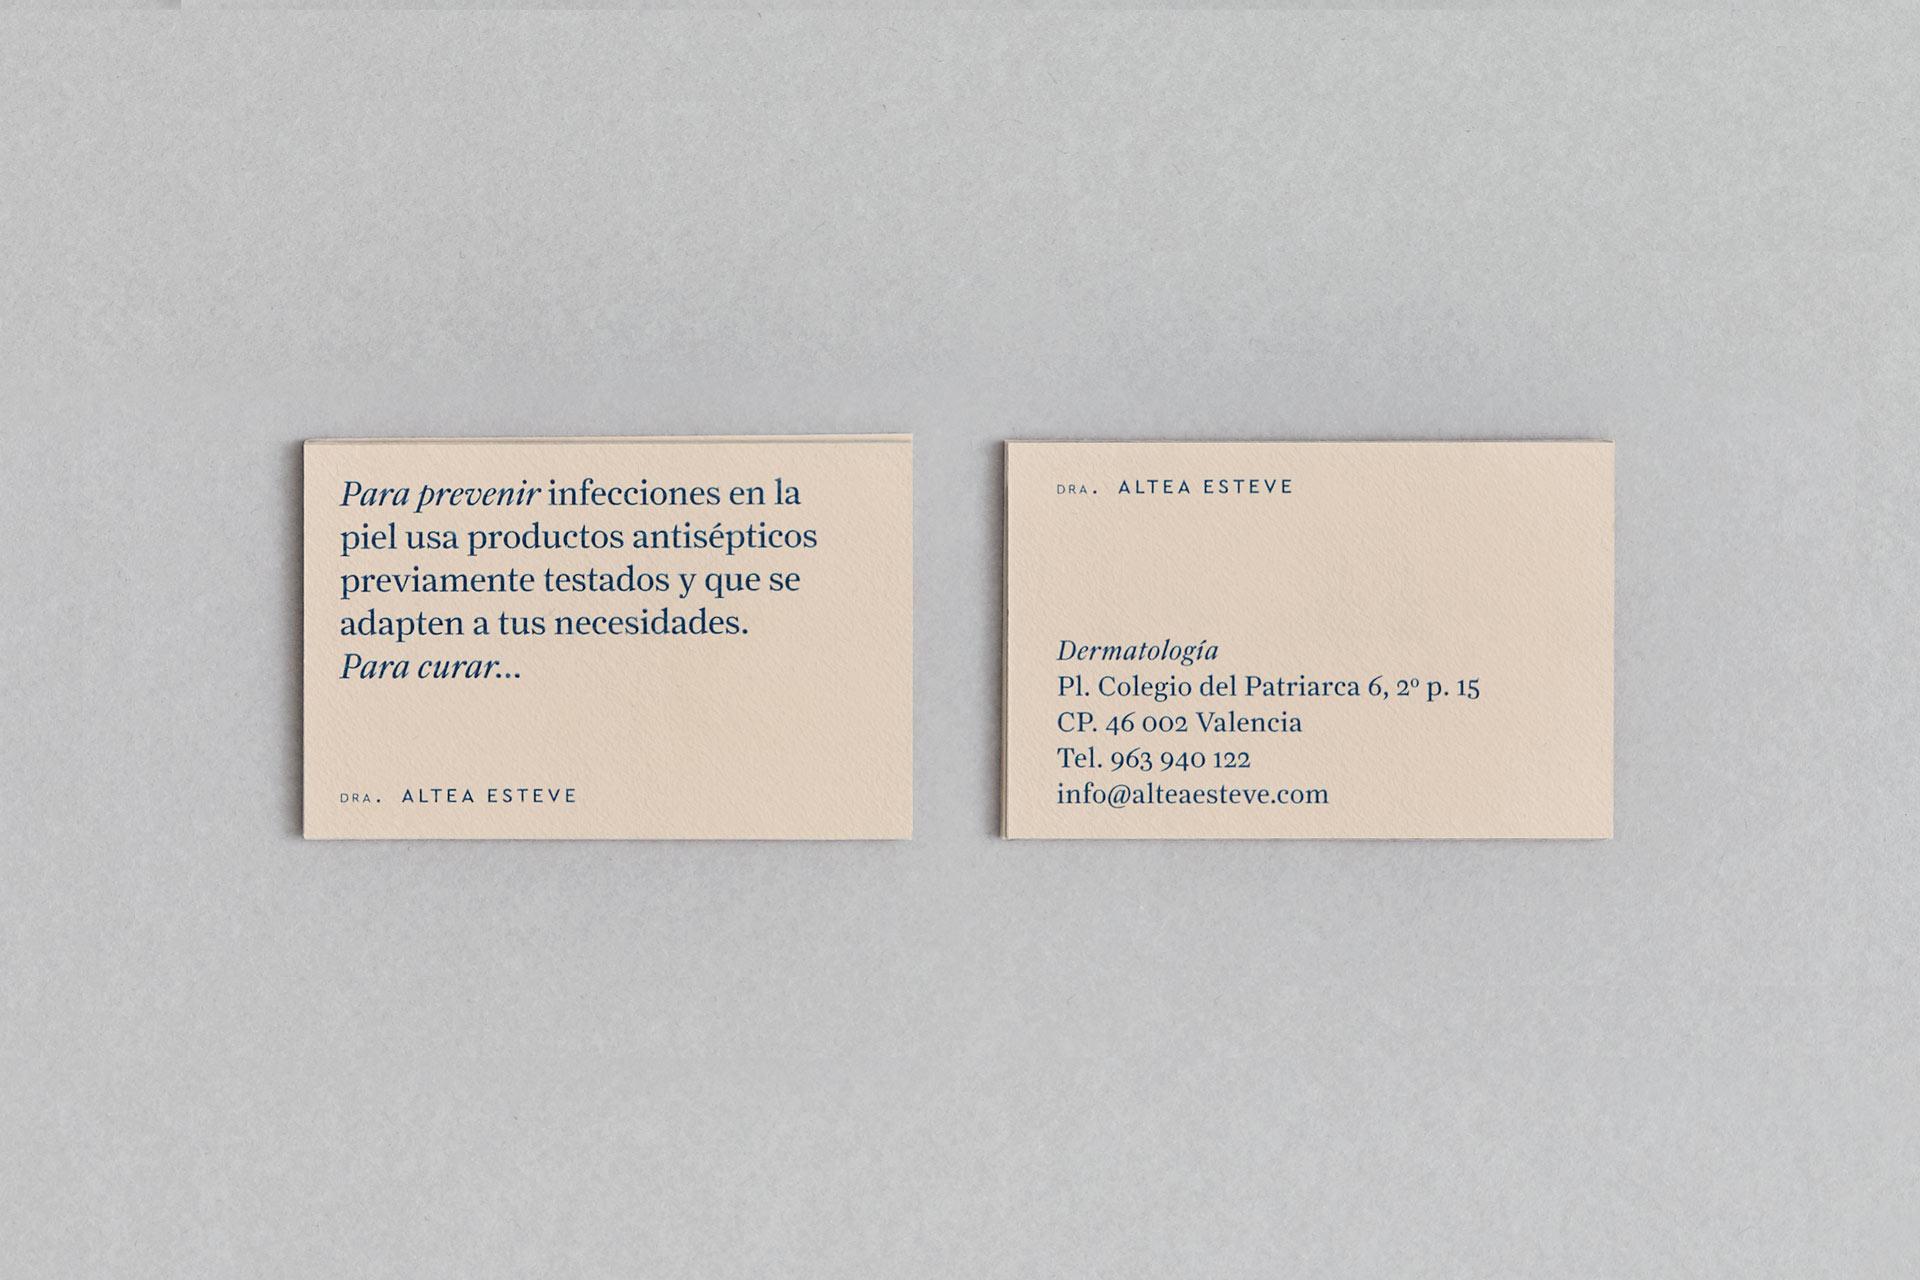 Fase, estudio de diseño gráfico. Identidad corporativa para la dermatóloga Altea Esteve.